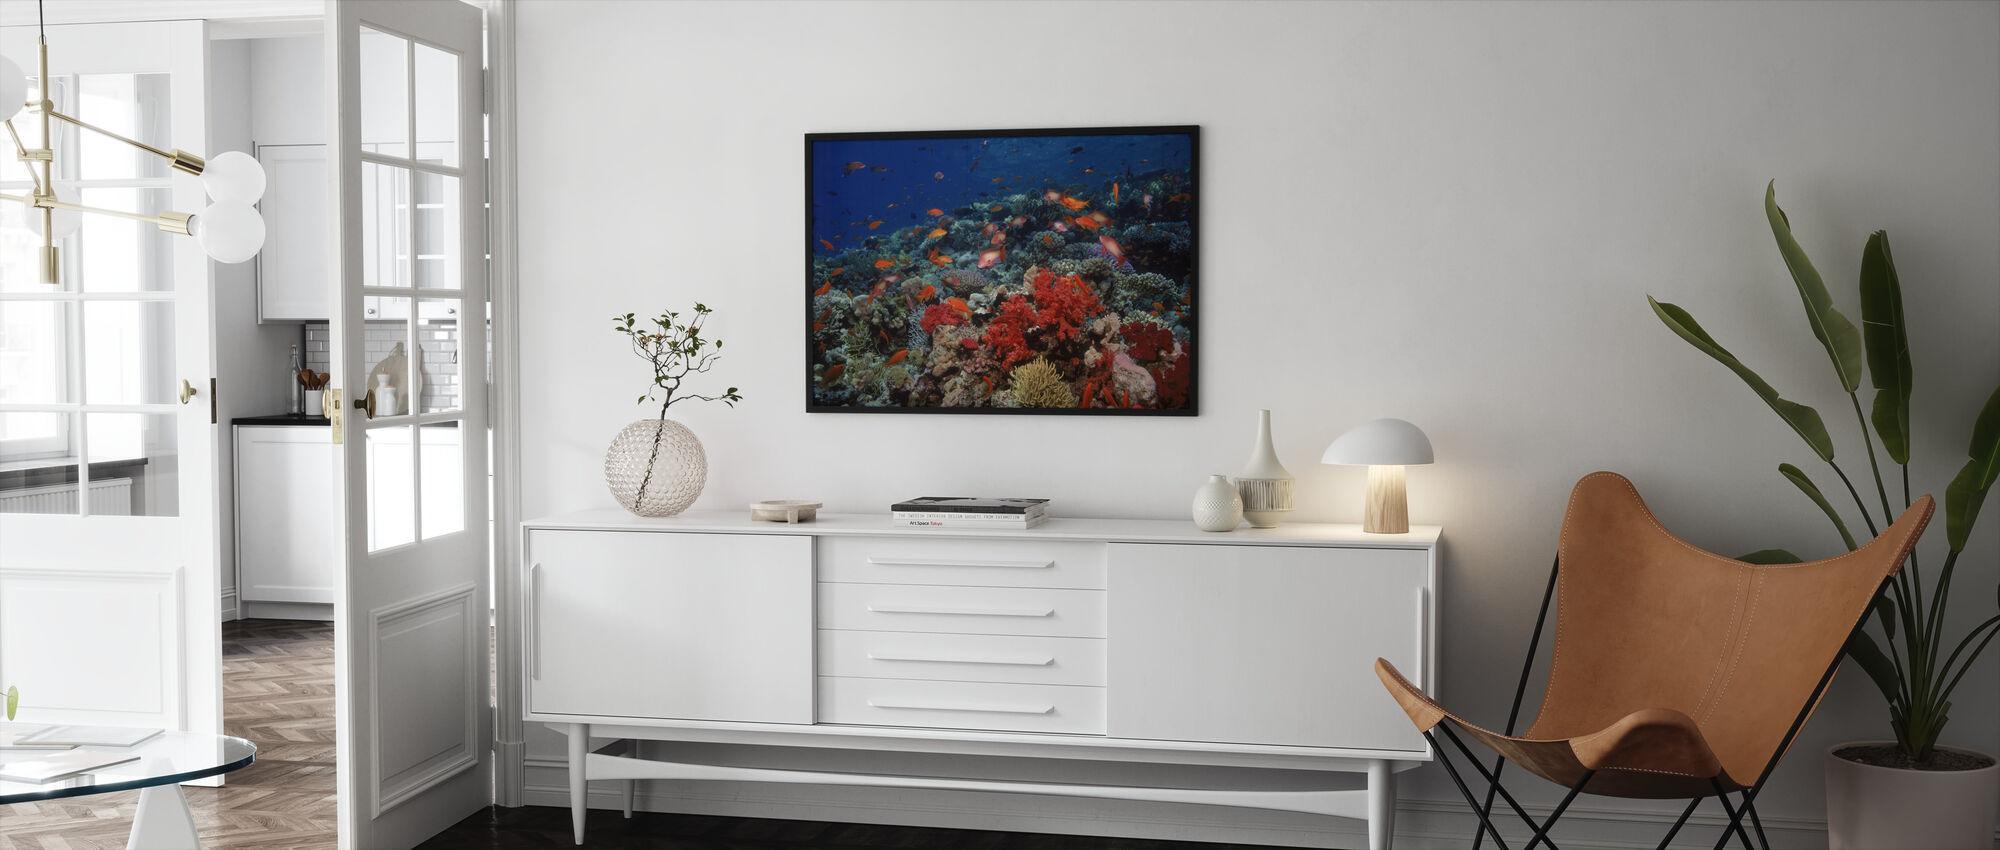 Röda Havet - Inramad tavla - Vardagsrum